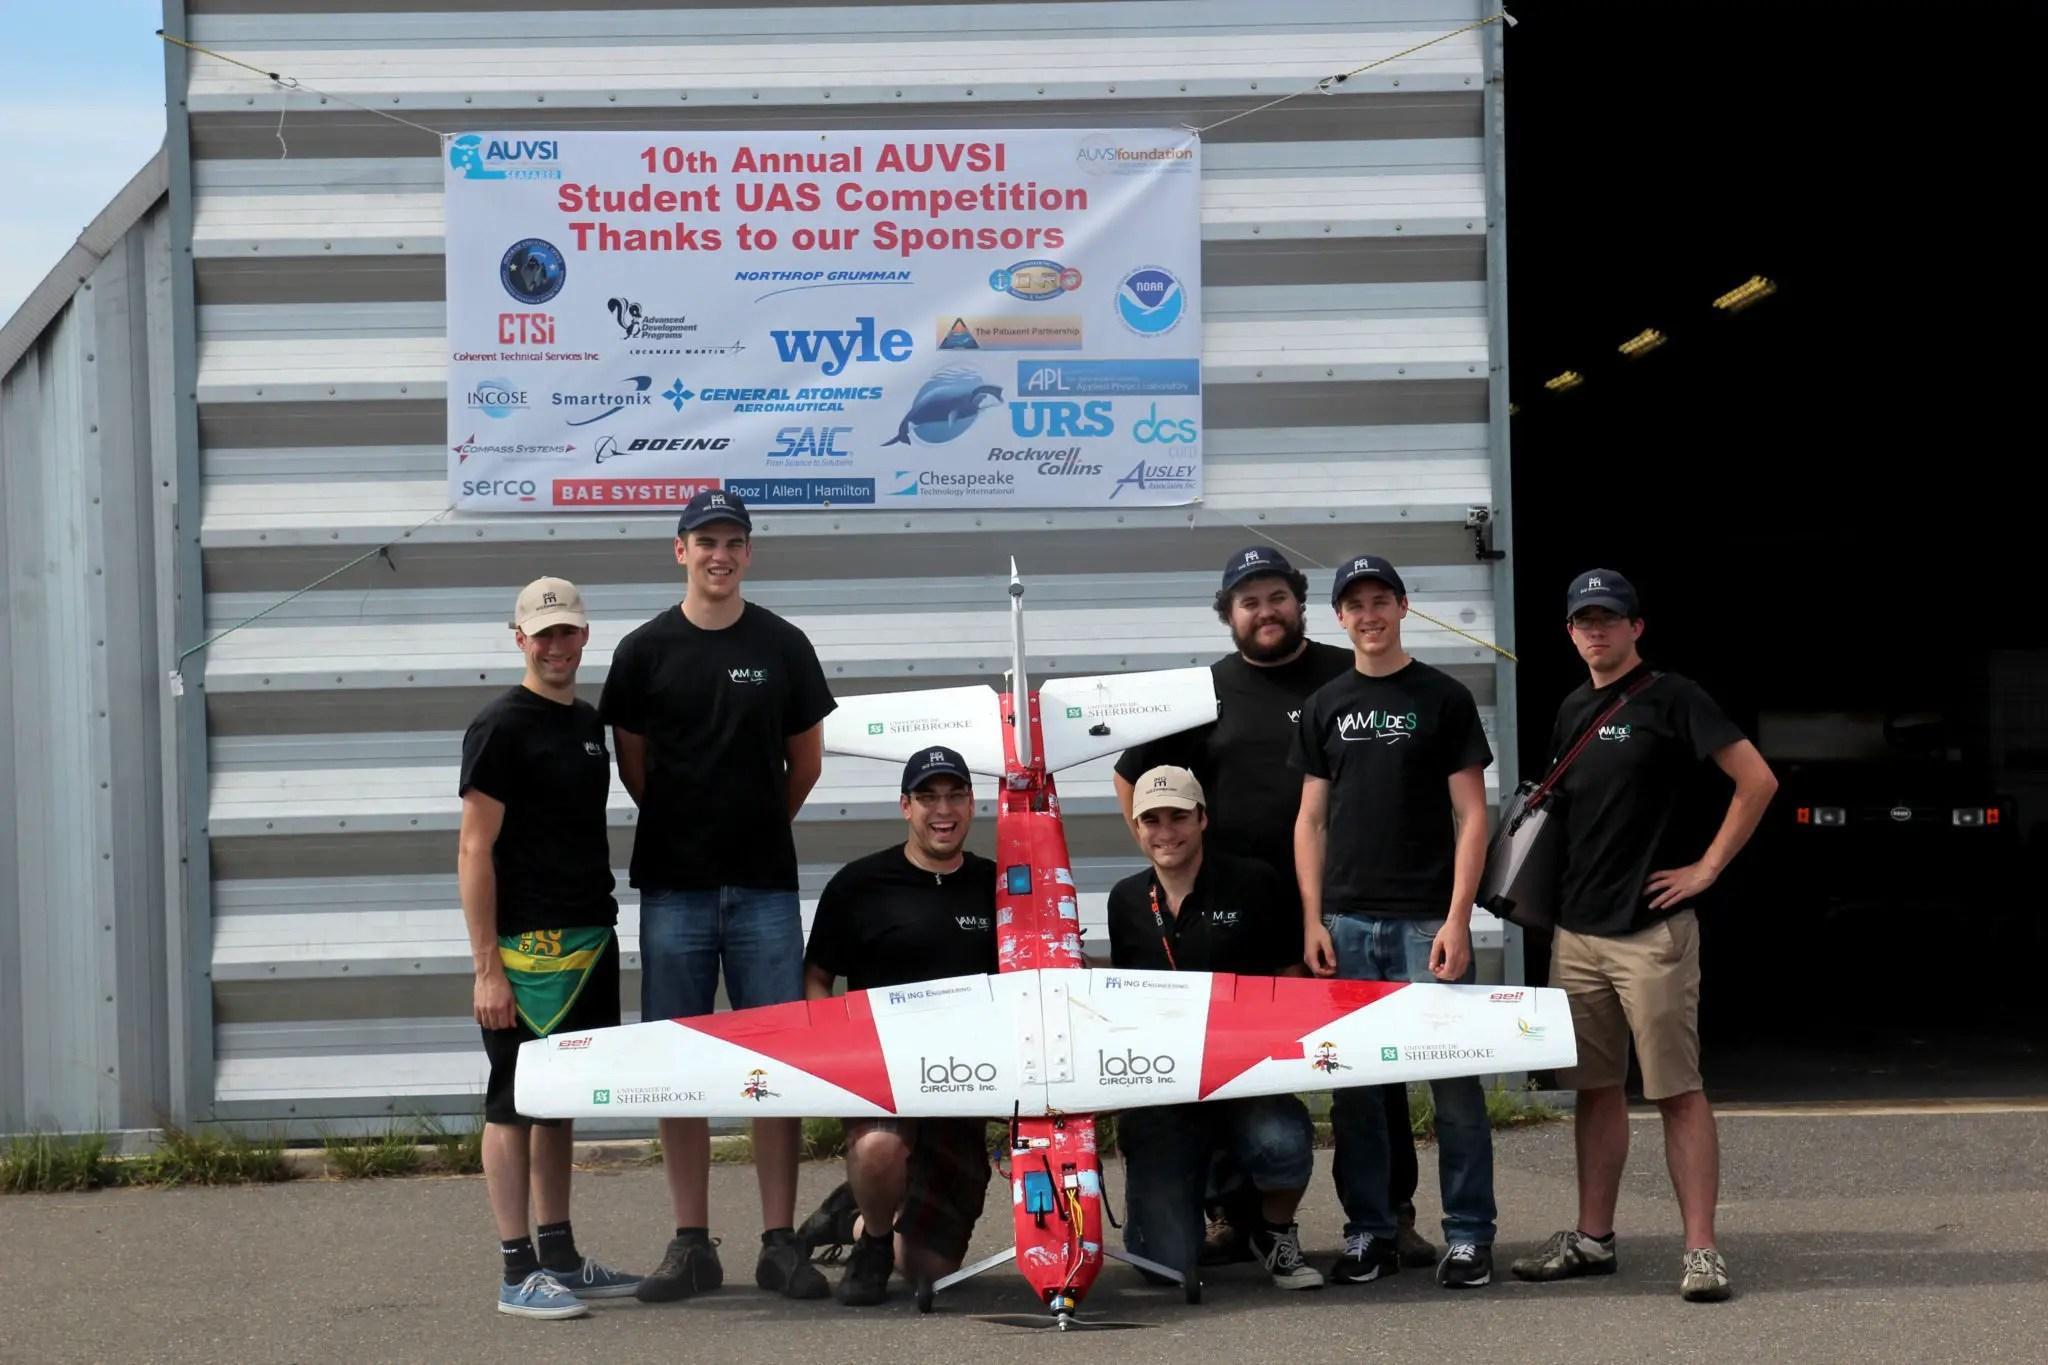 Canadian Team VAMUdeS wins AUVSI sUAS Student Competiton